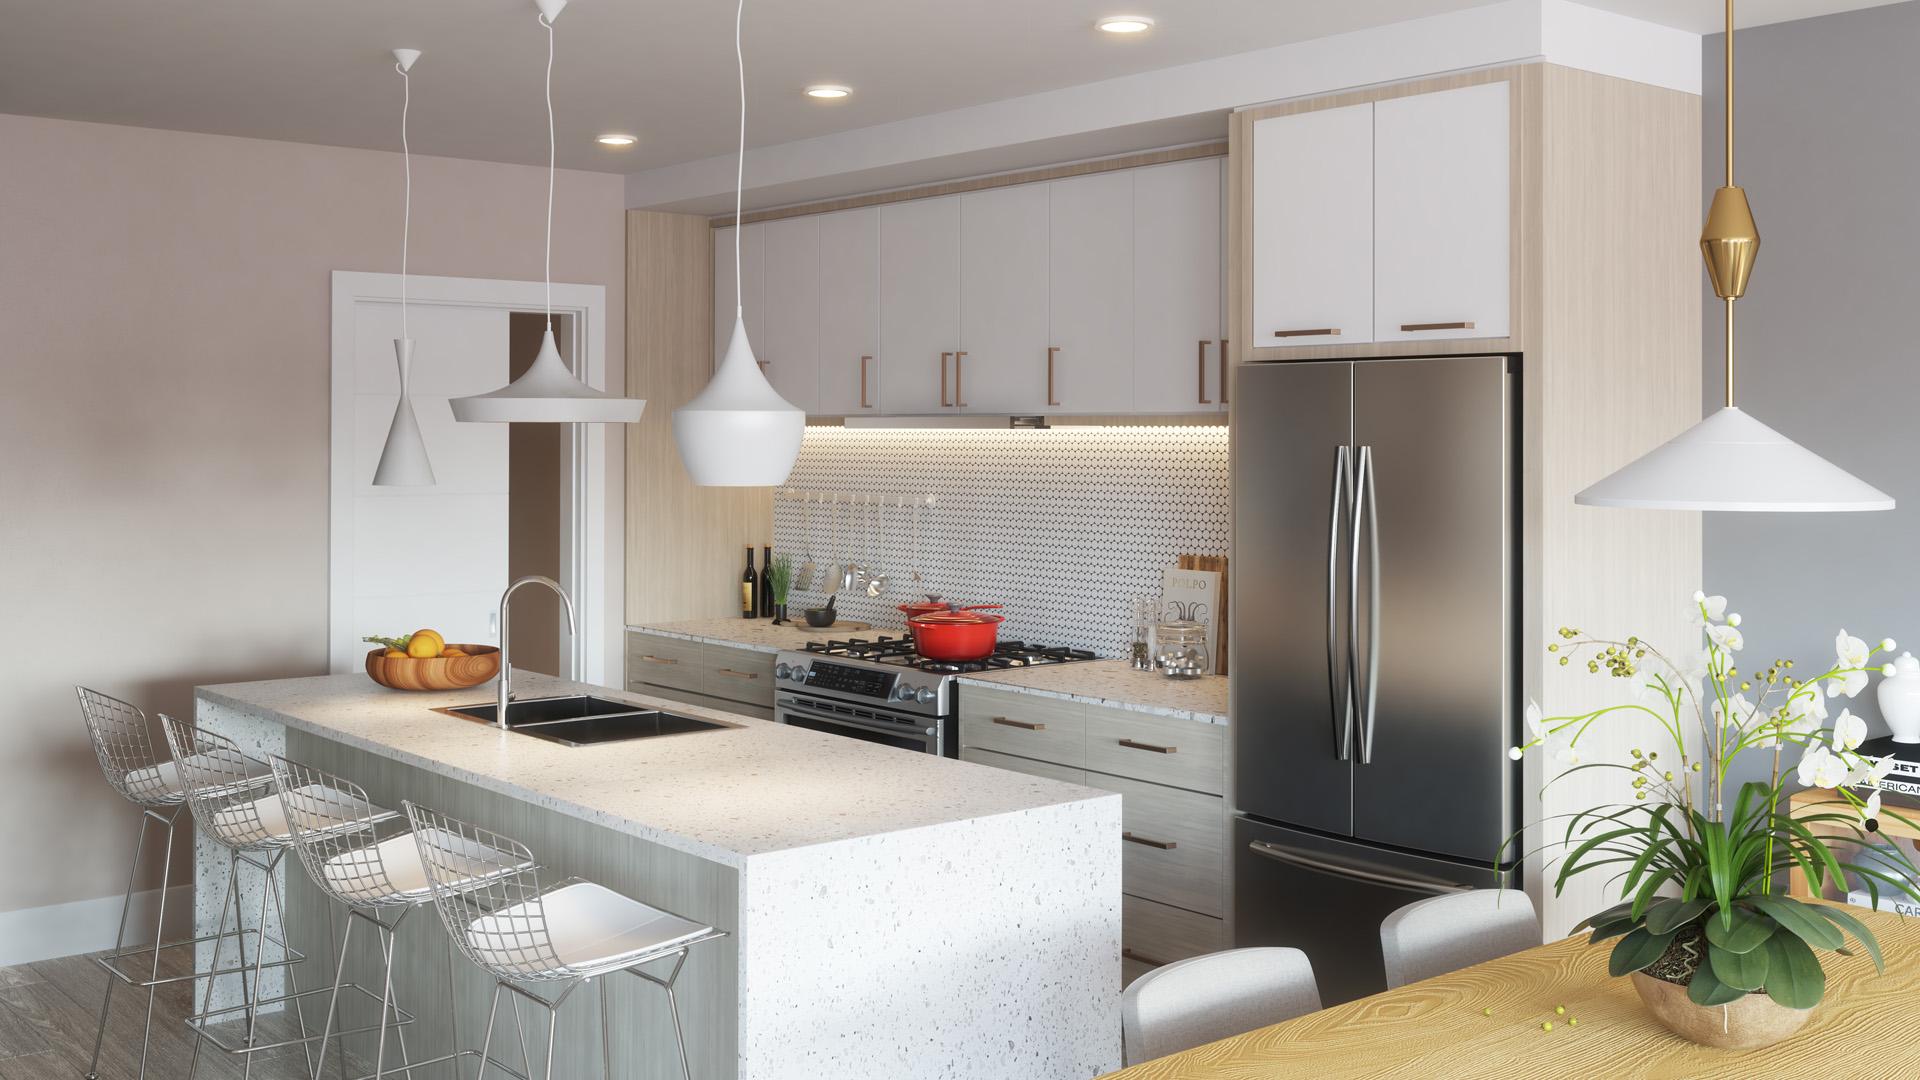 Mantra_Kitchen_Light_Modern.jpg